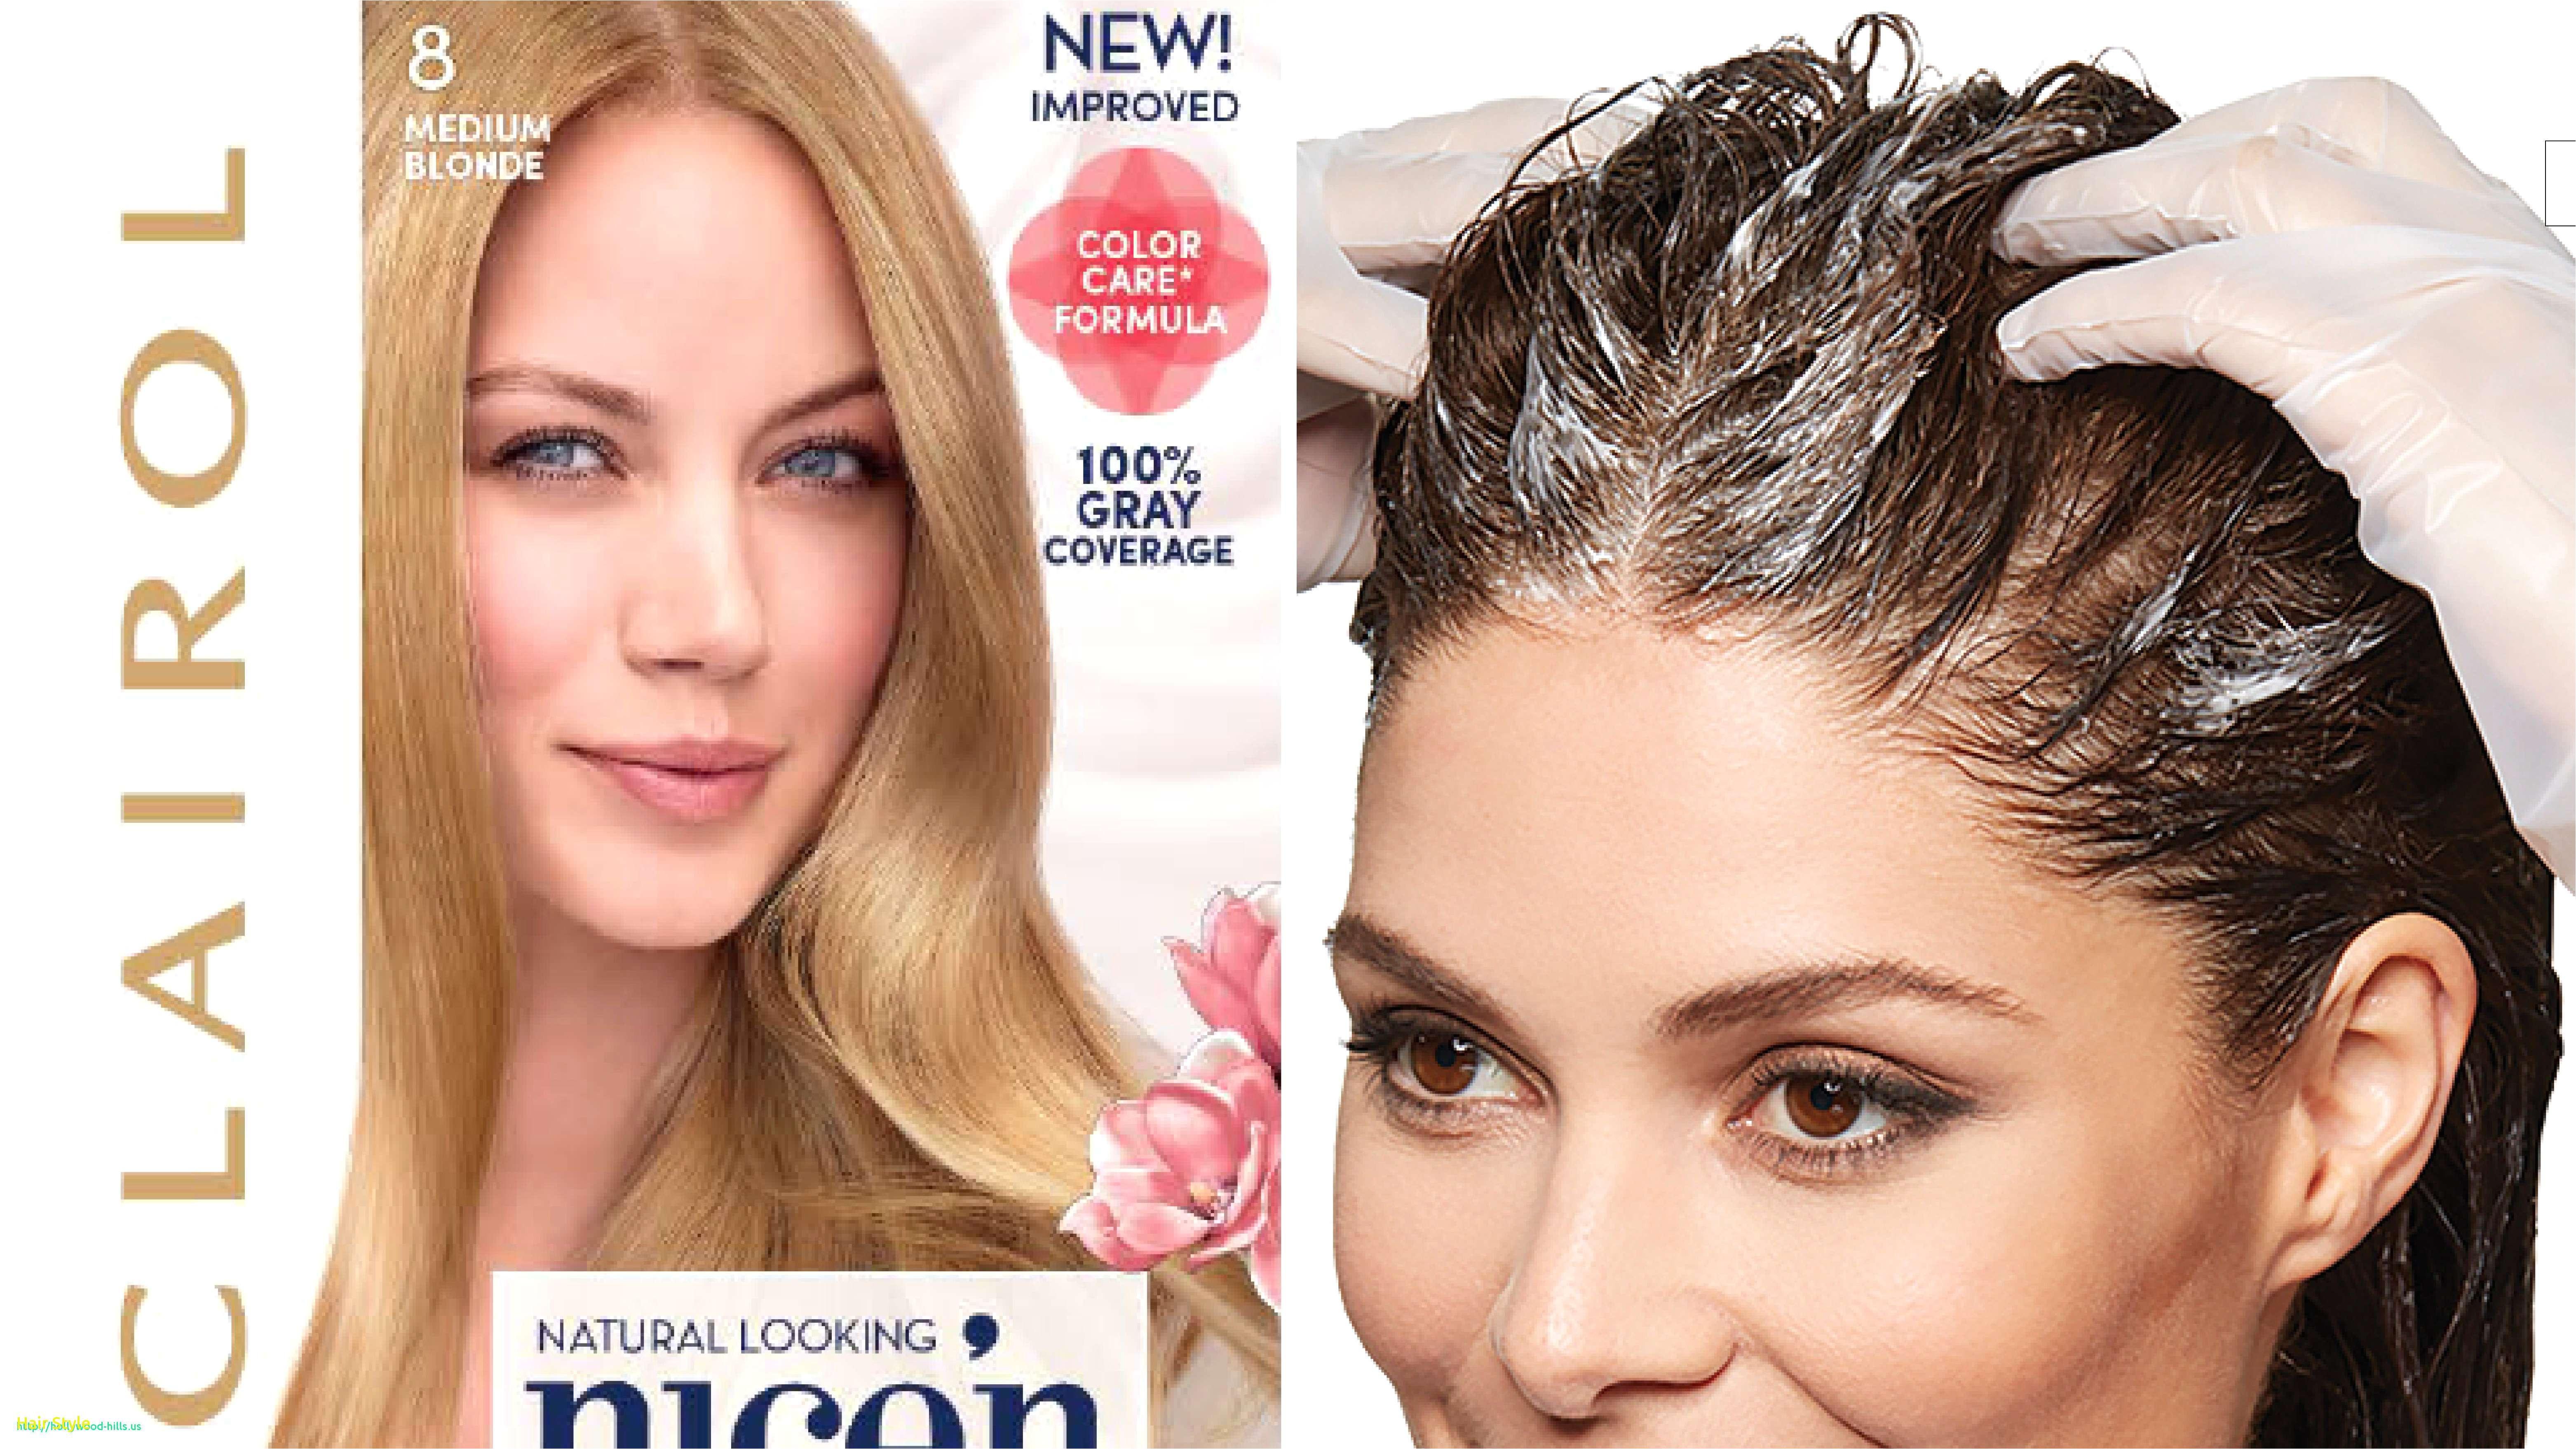 hair dye styles beautiful i pinimg 1200x 0d 60 8a 0d608a58a4bb3ed3b as well straight hair types cartoon haircut kendall